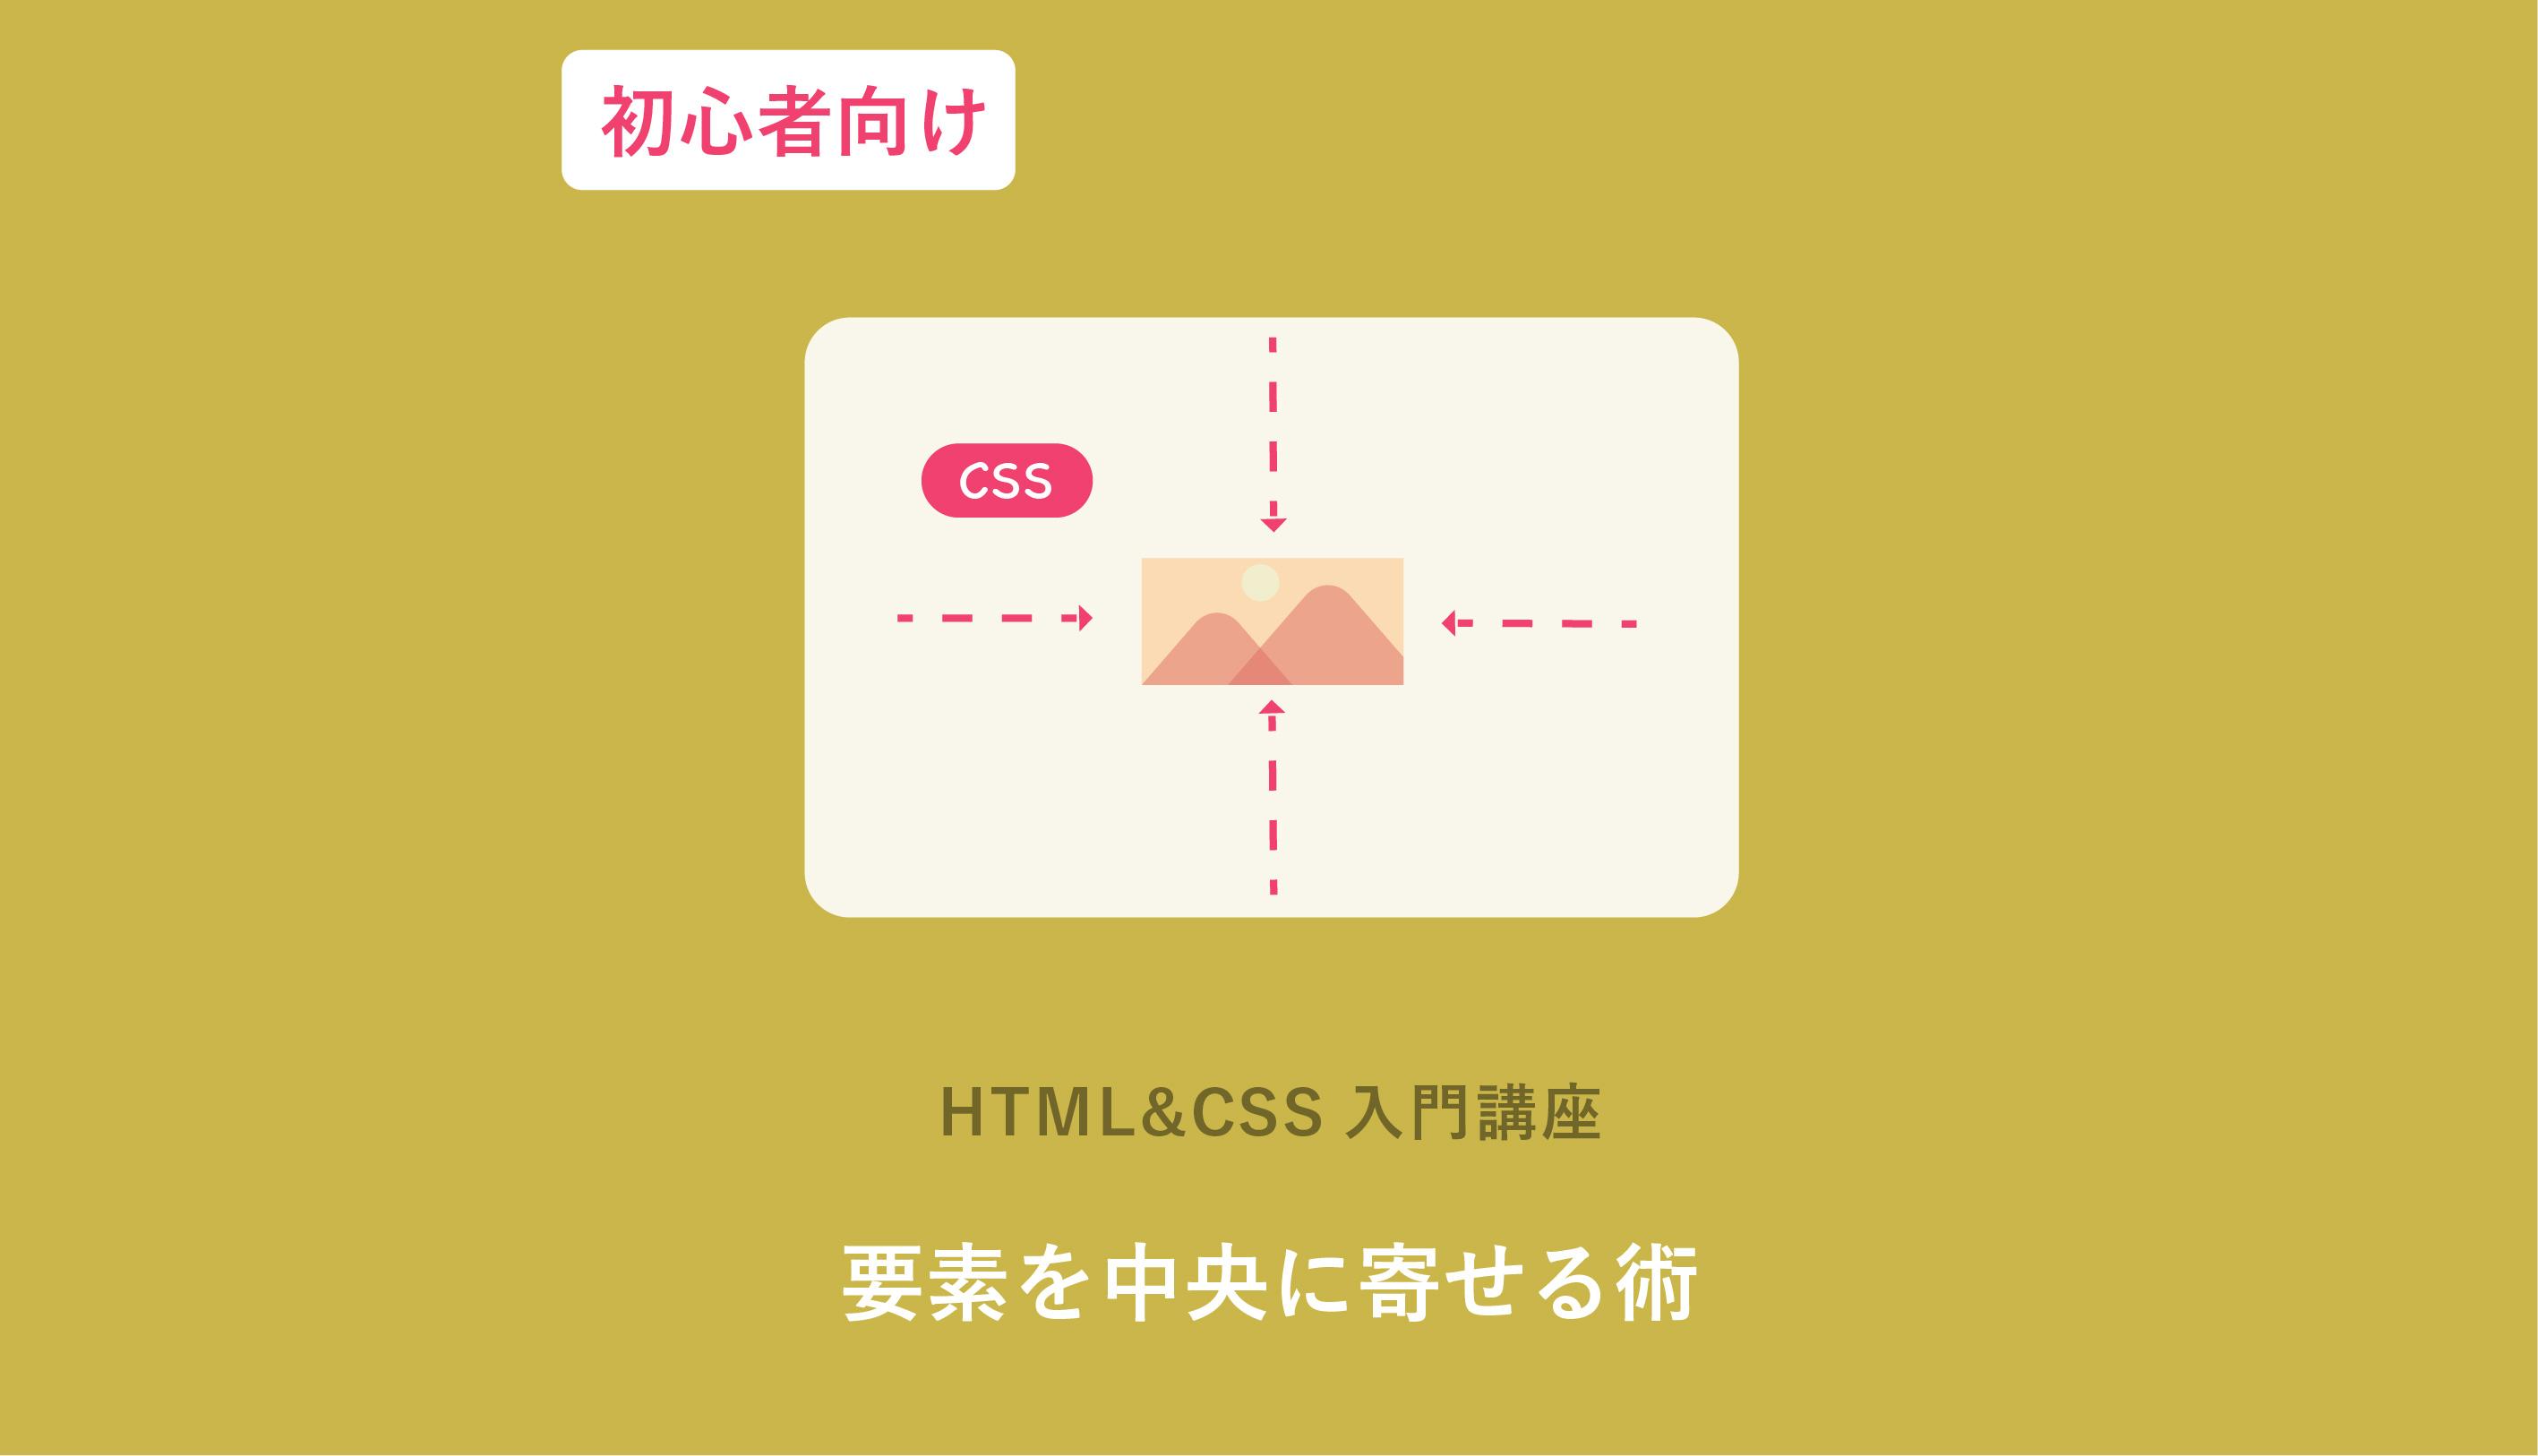 【今知っておきたい!】CSSで中央寄せにする方法とコードの書き方